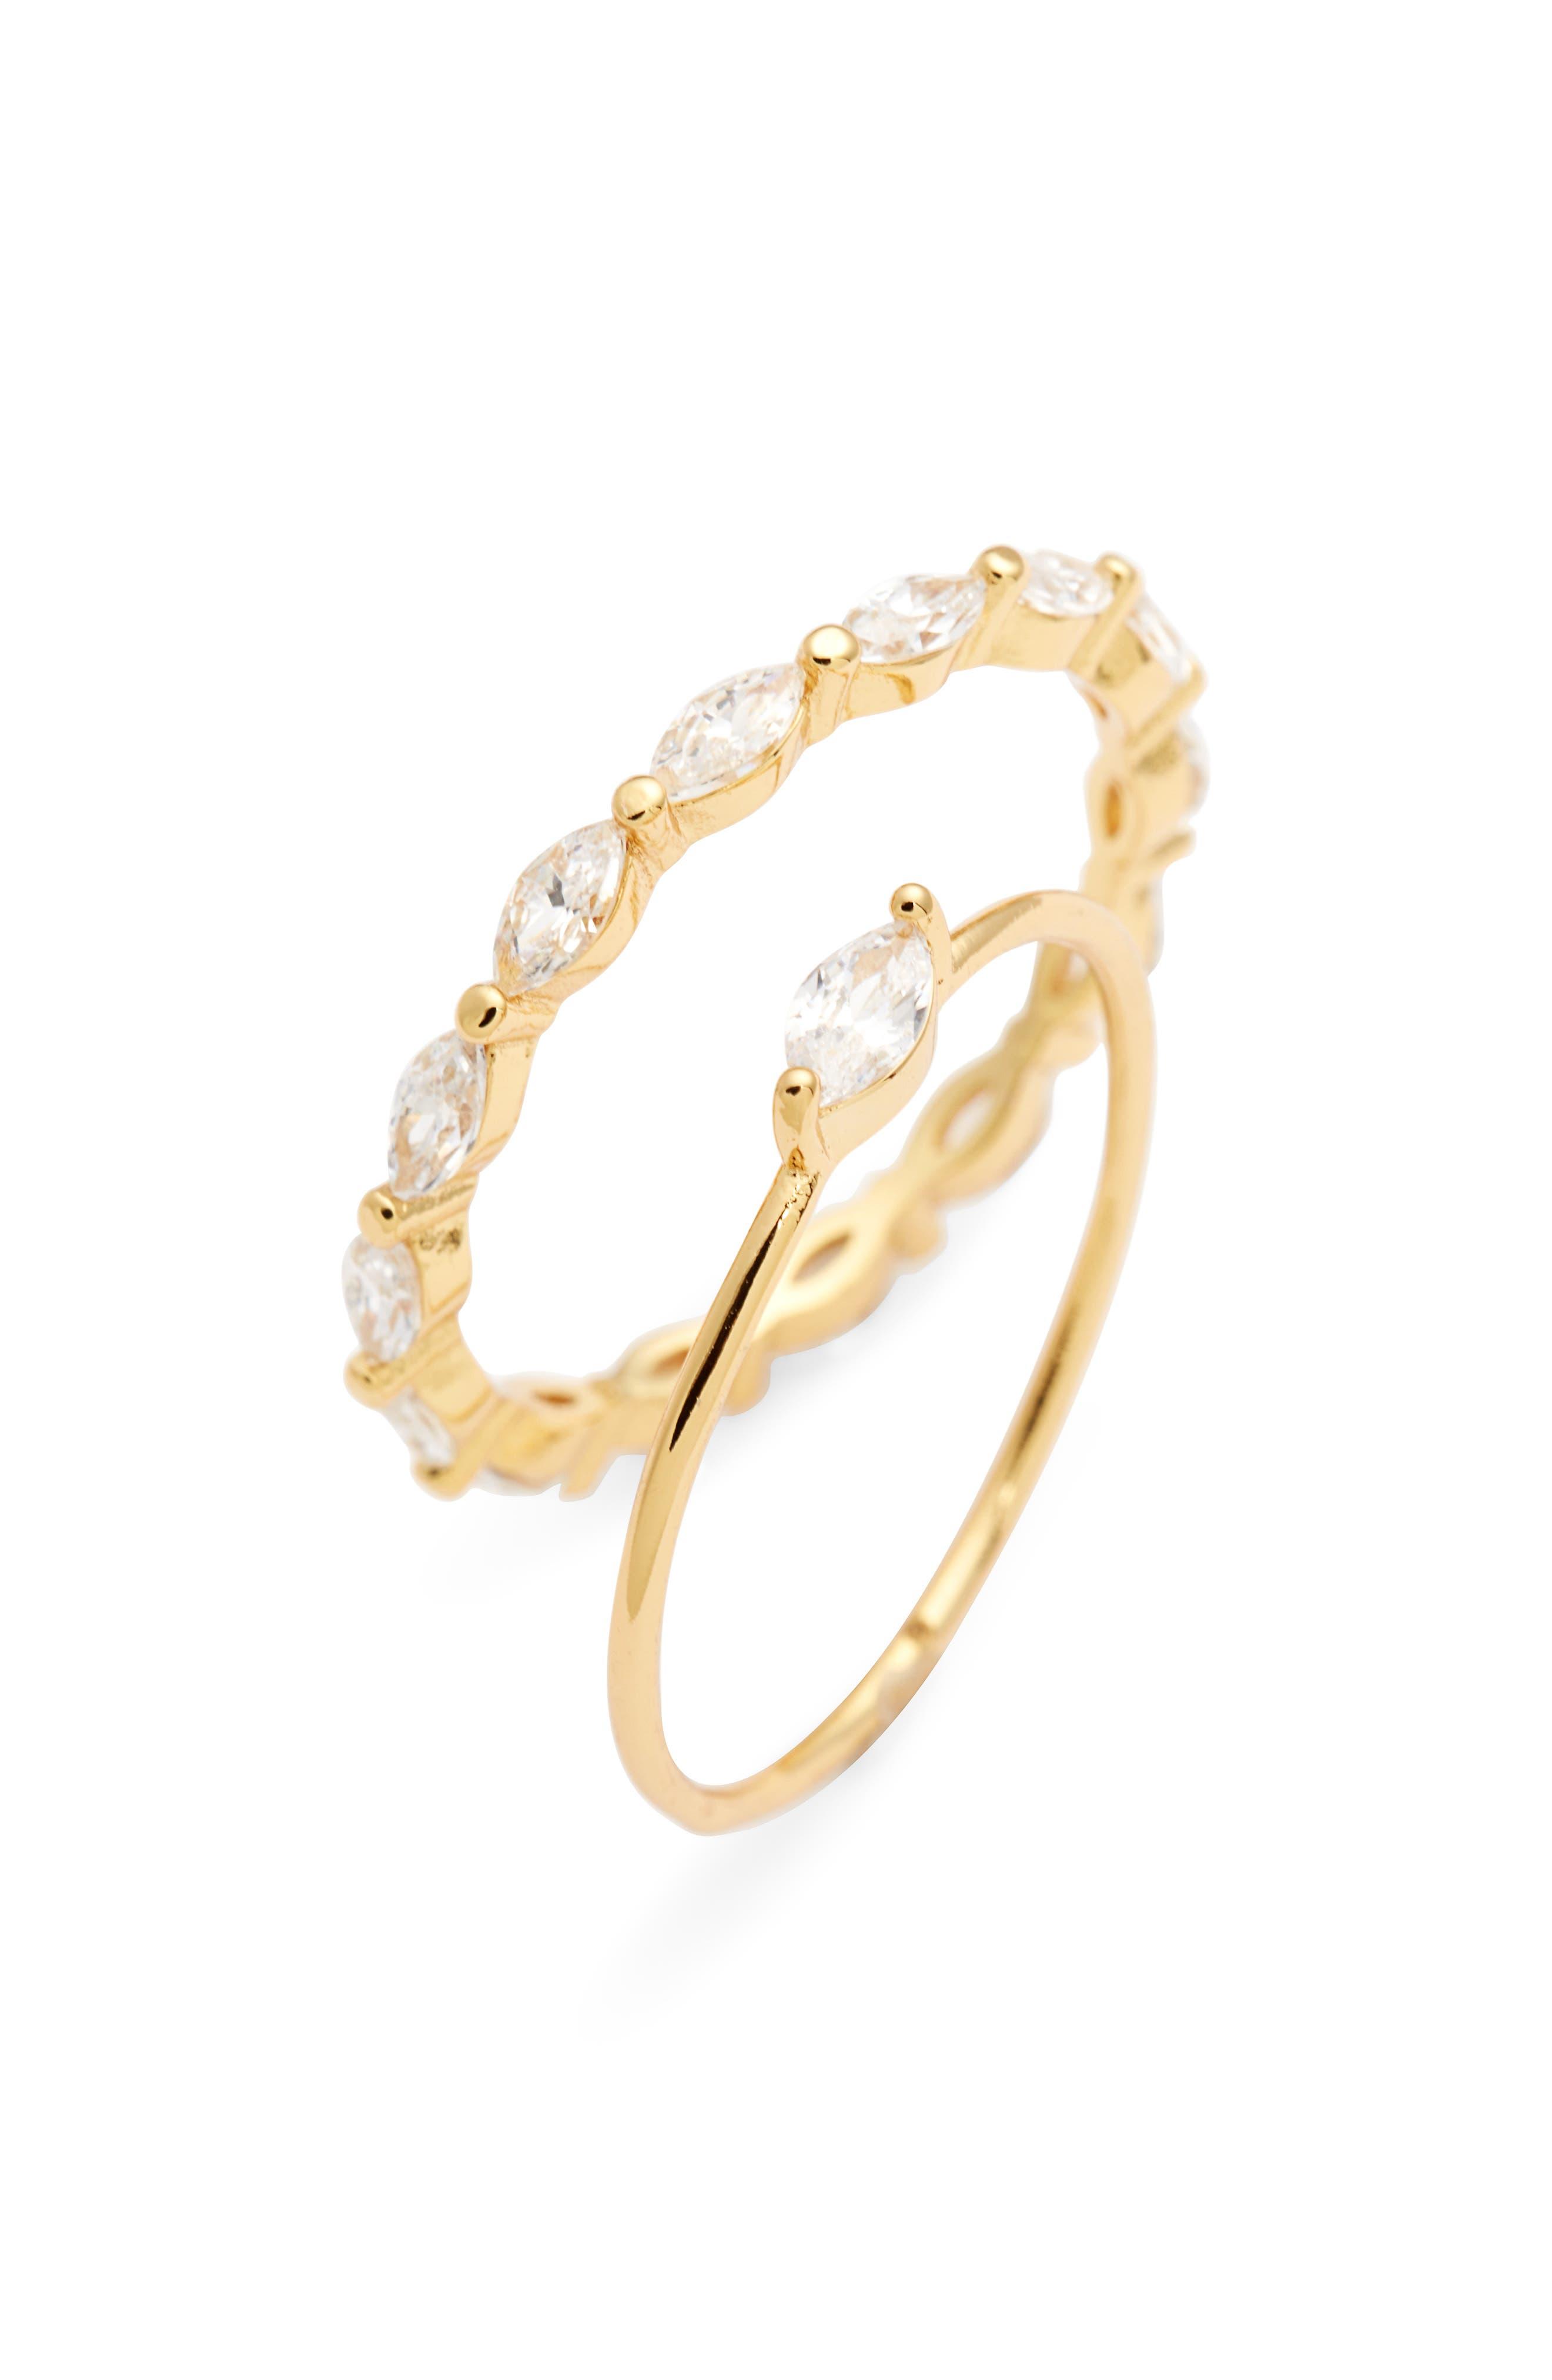 Image of Gorjana Lena 18K Yellow Gold Plated Marquise CZ Ring Set - Set of 2